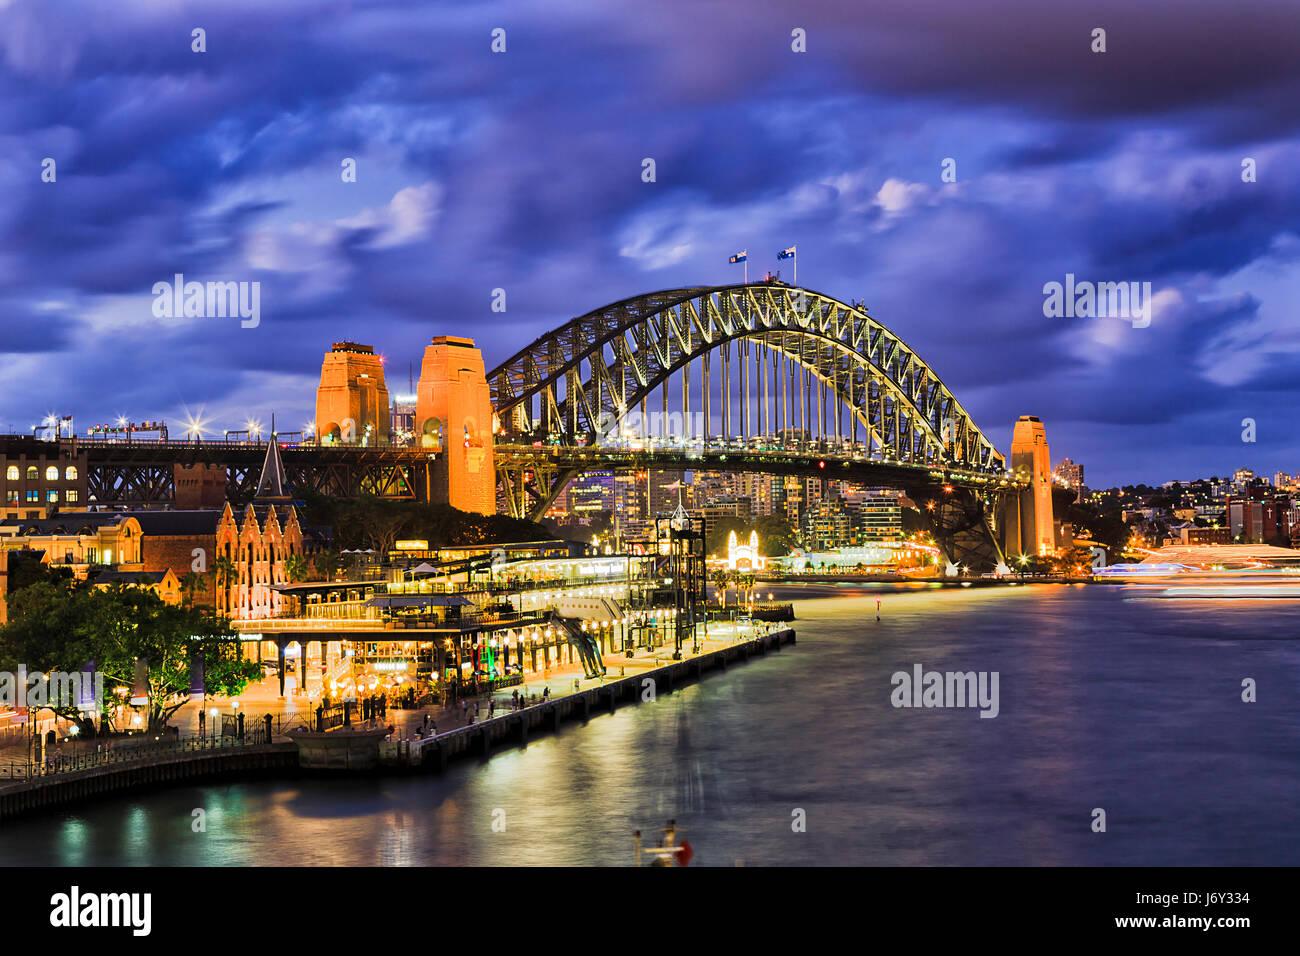 Gran Iluminado arco del puente del puerto de Sydney CBD de la ciudad de conexión desde las rocas al norte de Sydney. Foto de stock